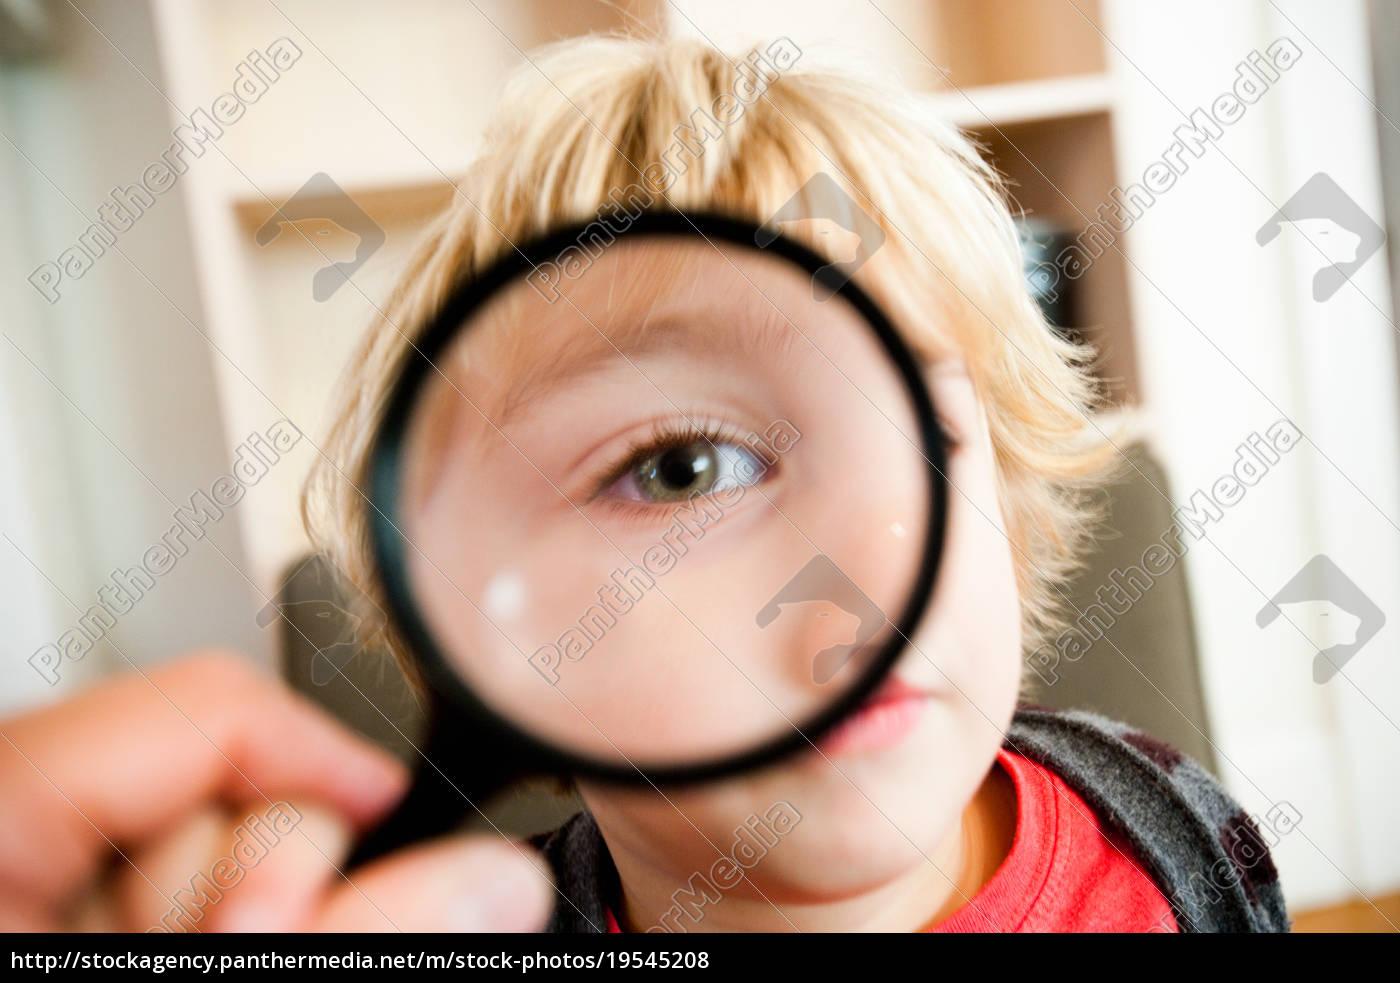 young, boy, looking, at, camera, through - 19545208